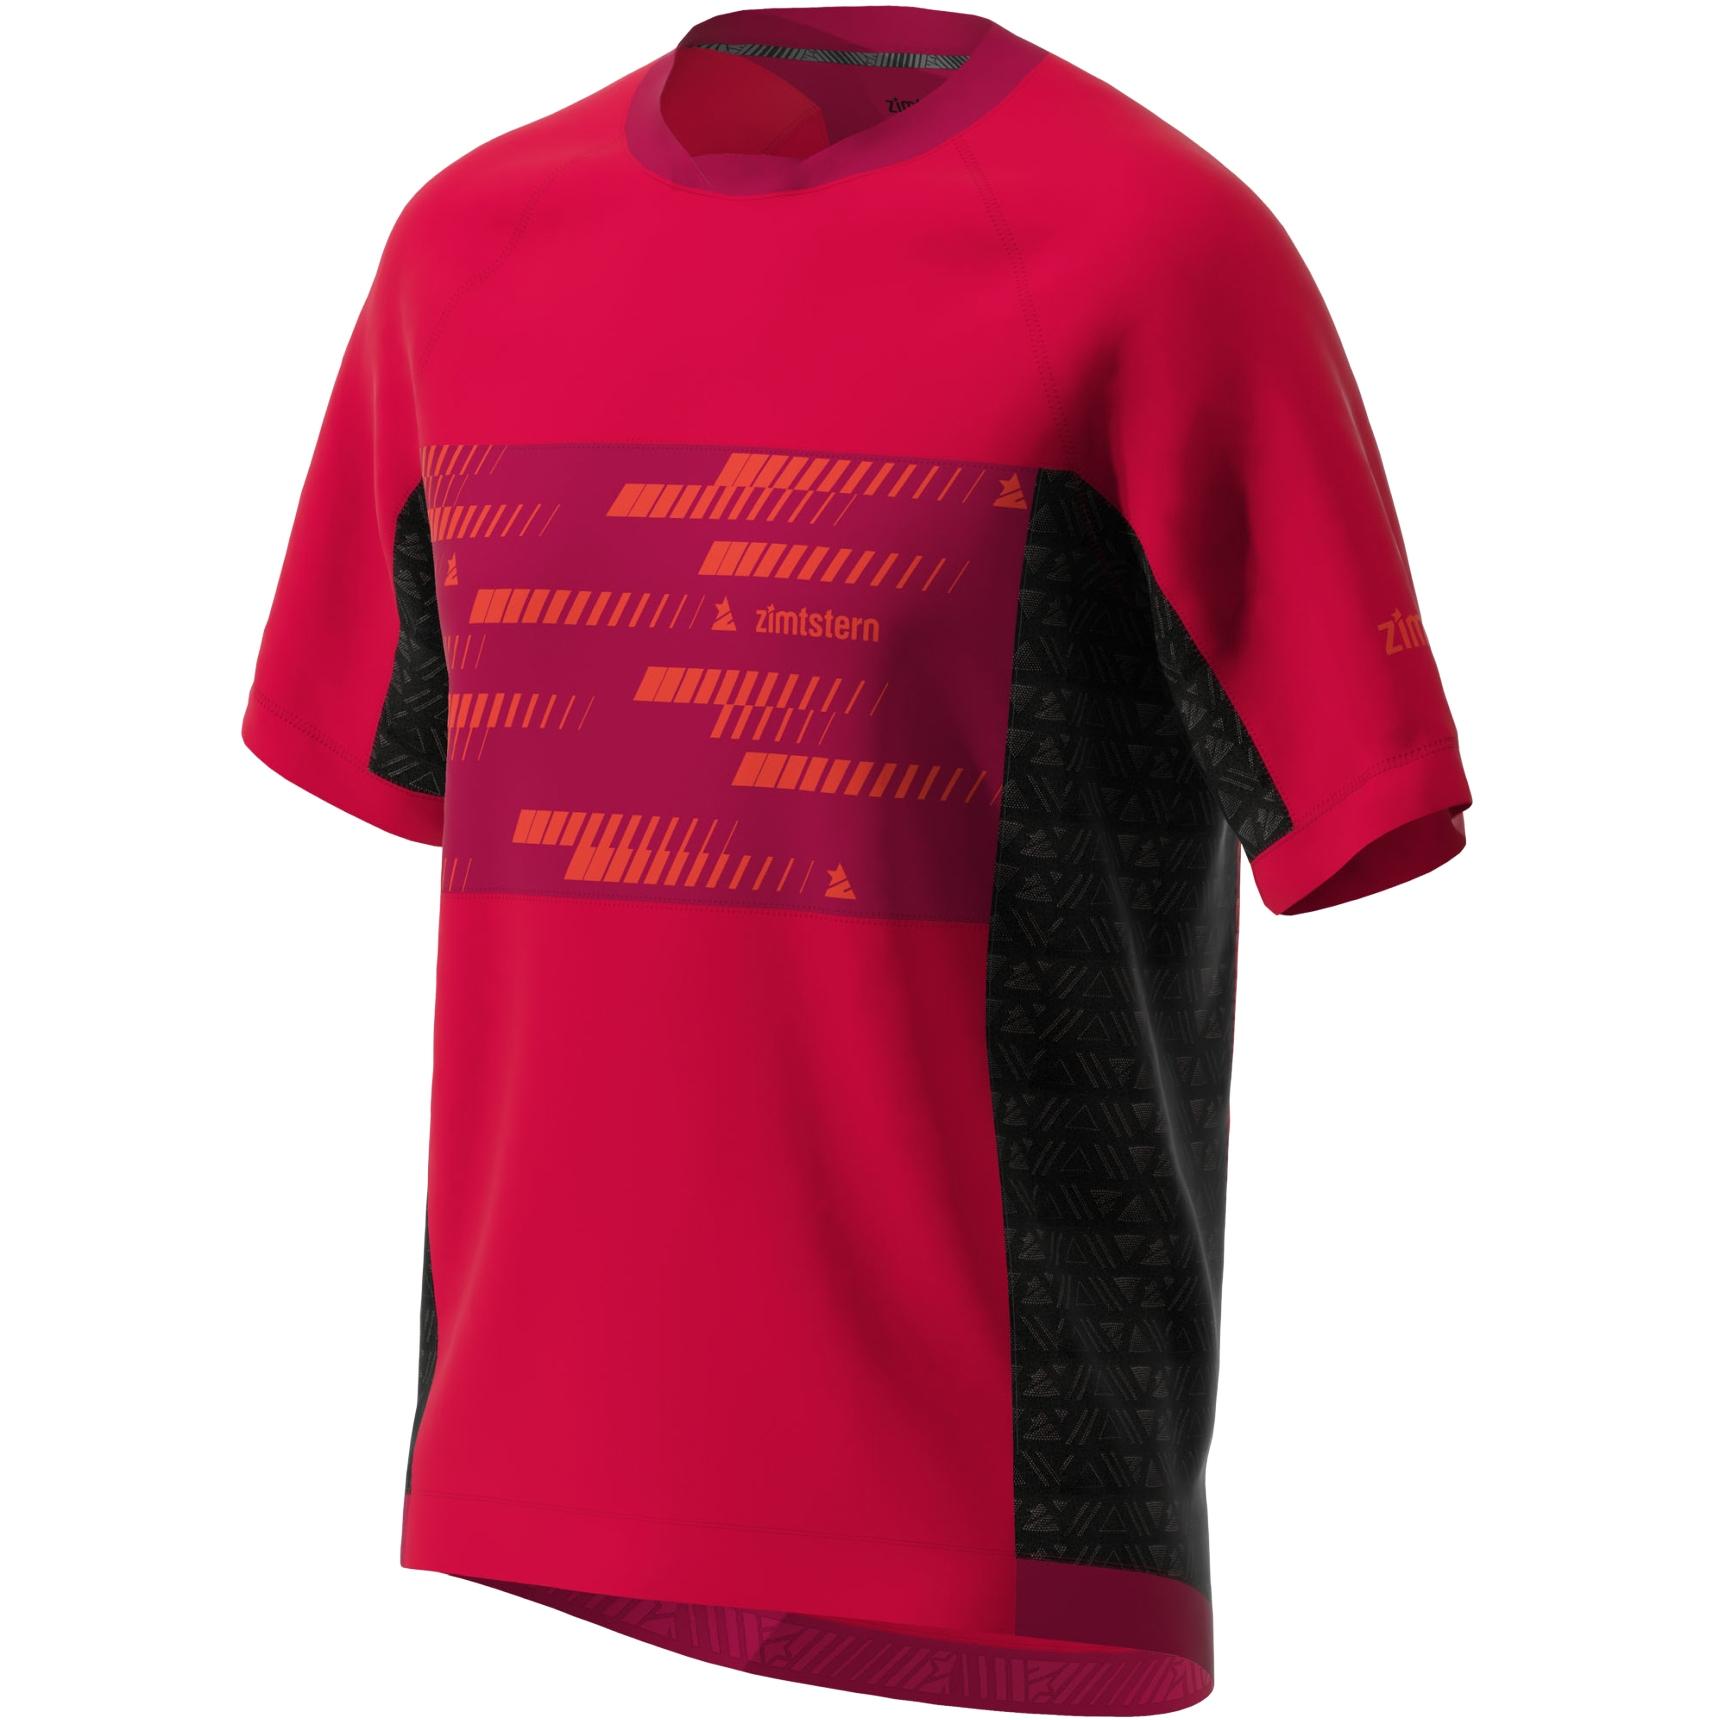 Bild von Zimtstern TechZonez Kurzarm-Shirt - cyber red/jester red